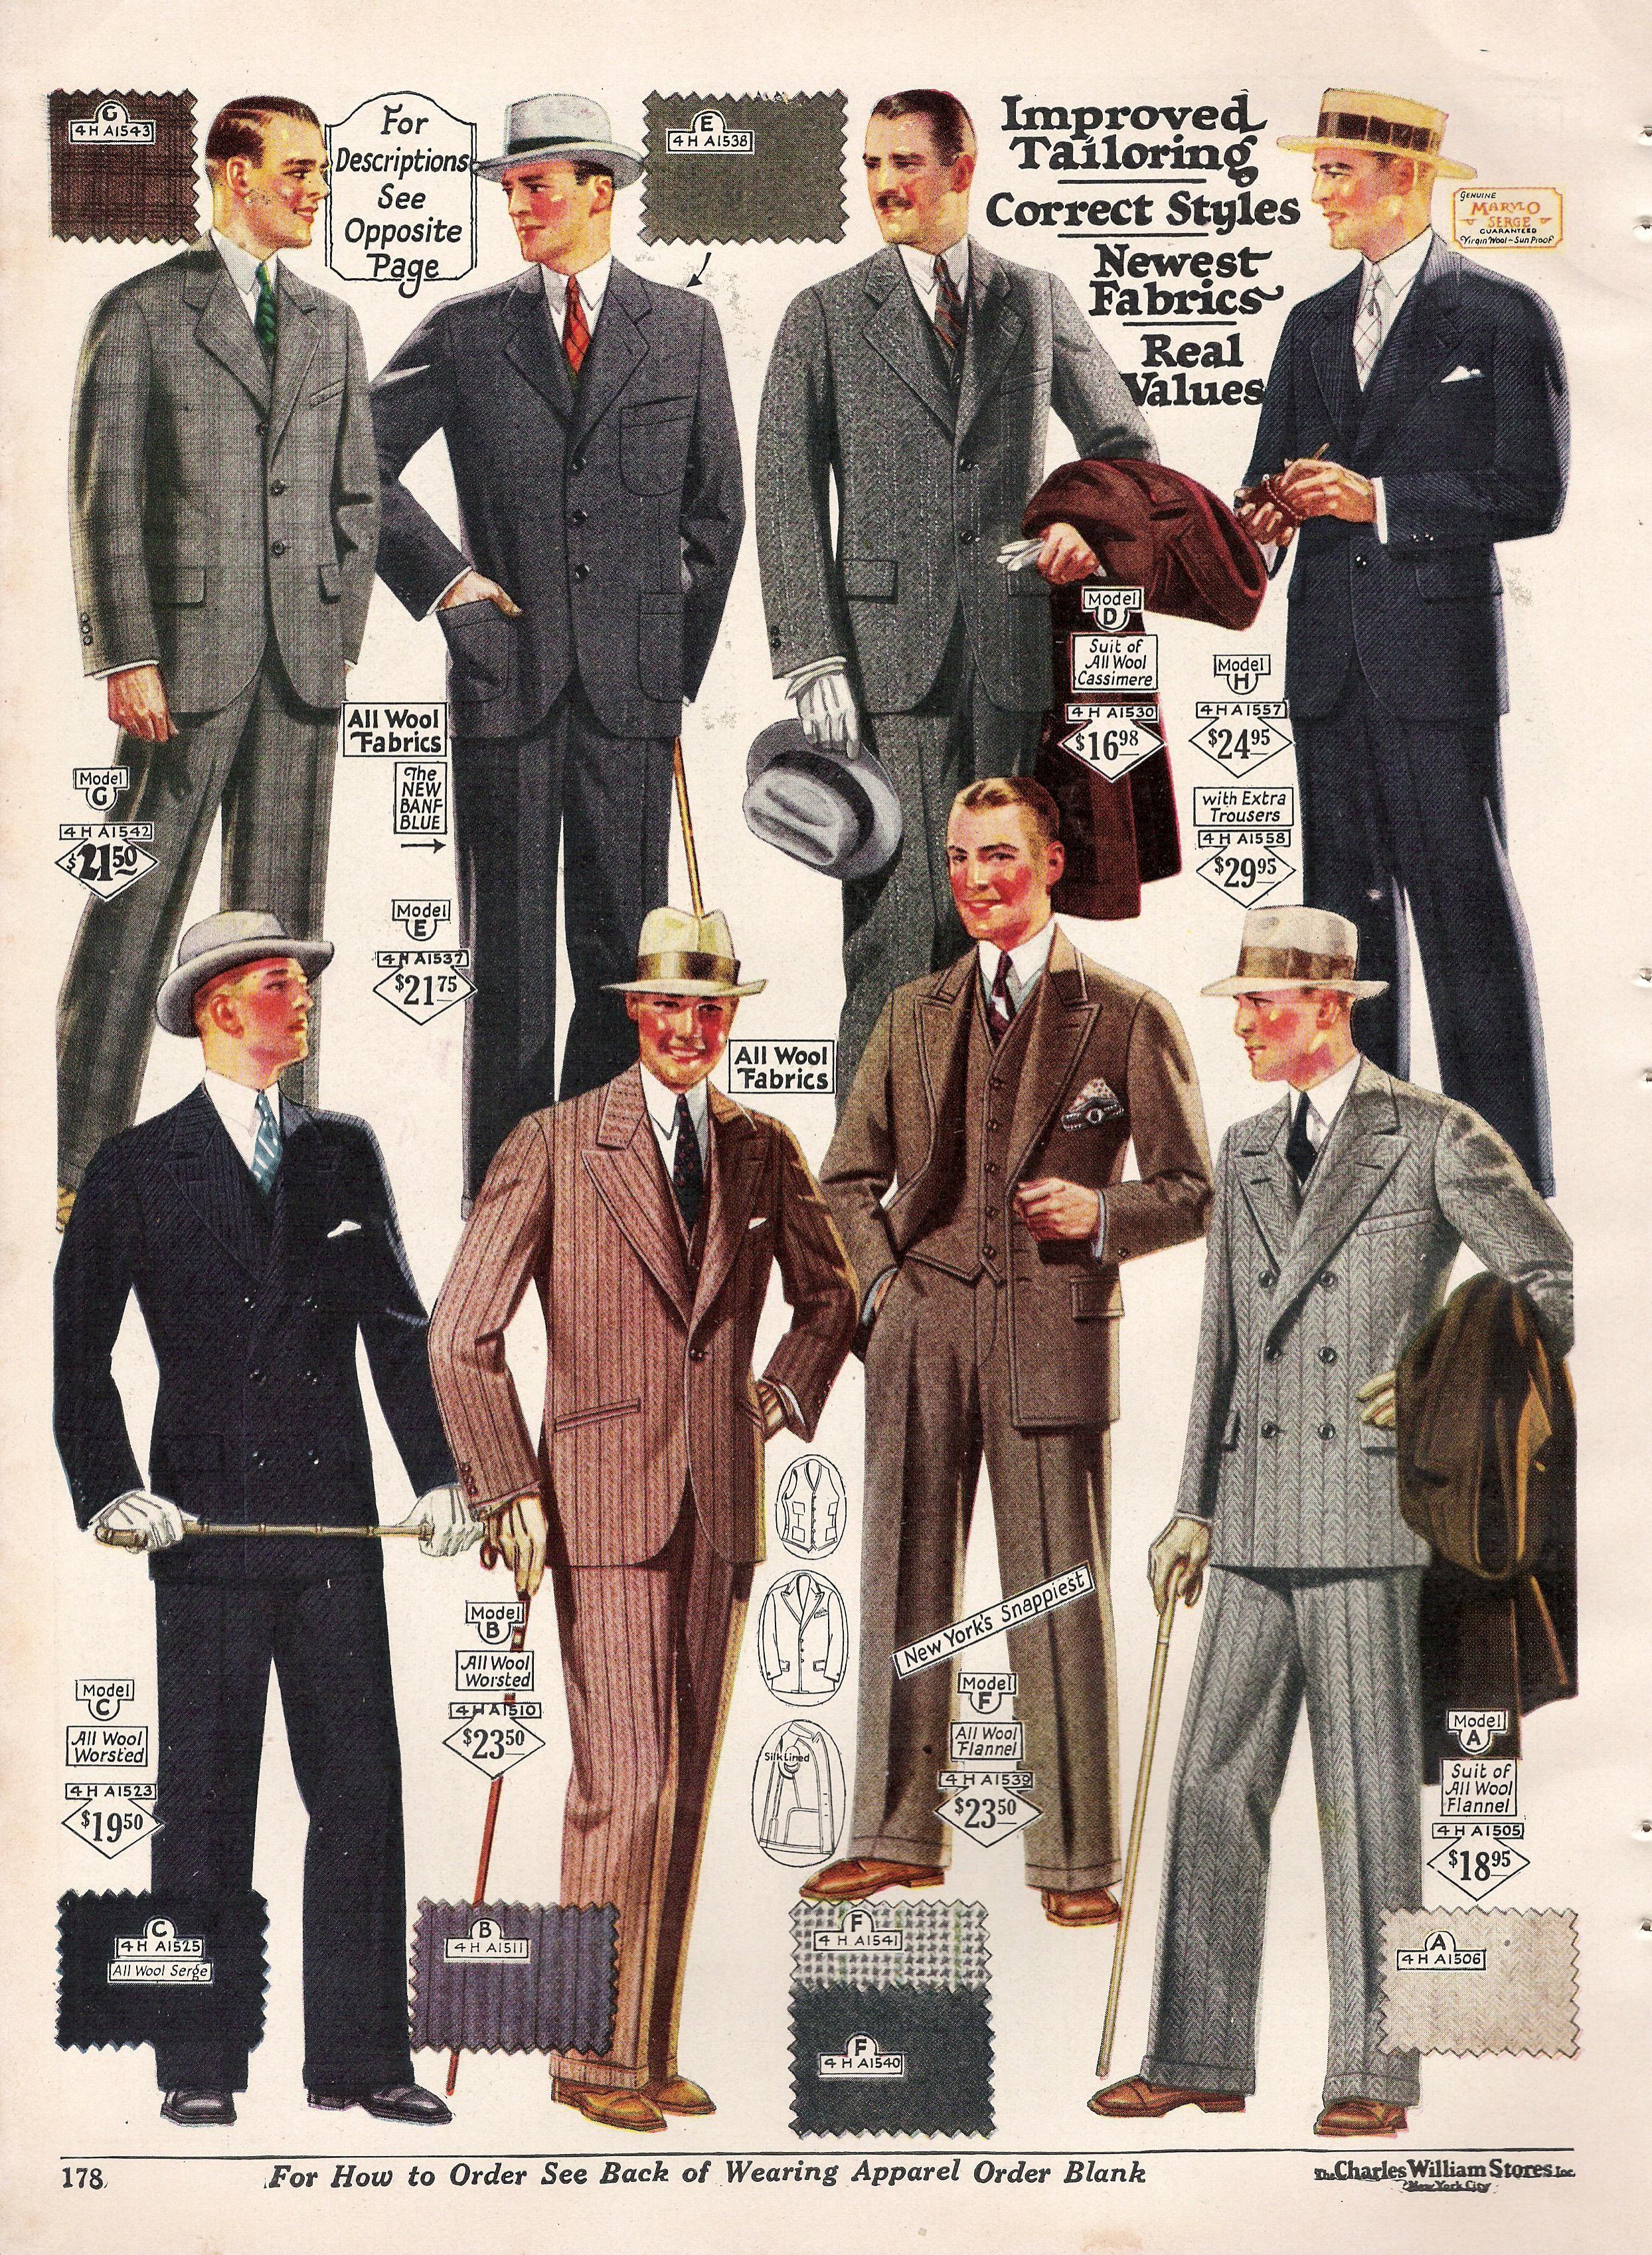 1920 kledij